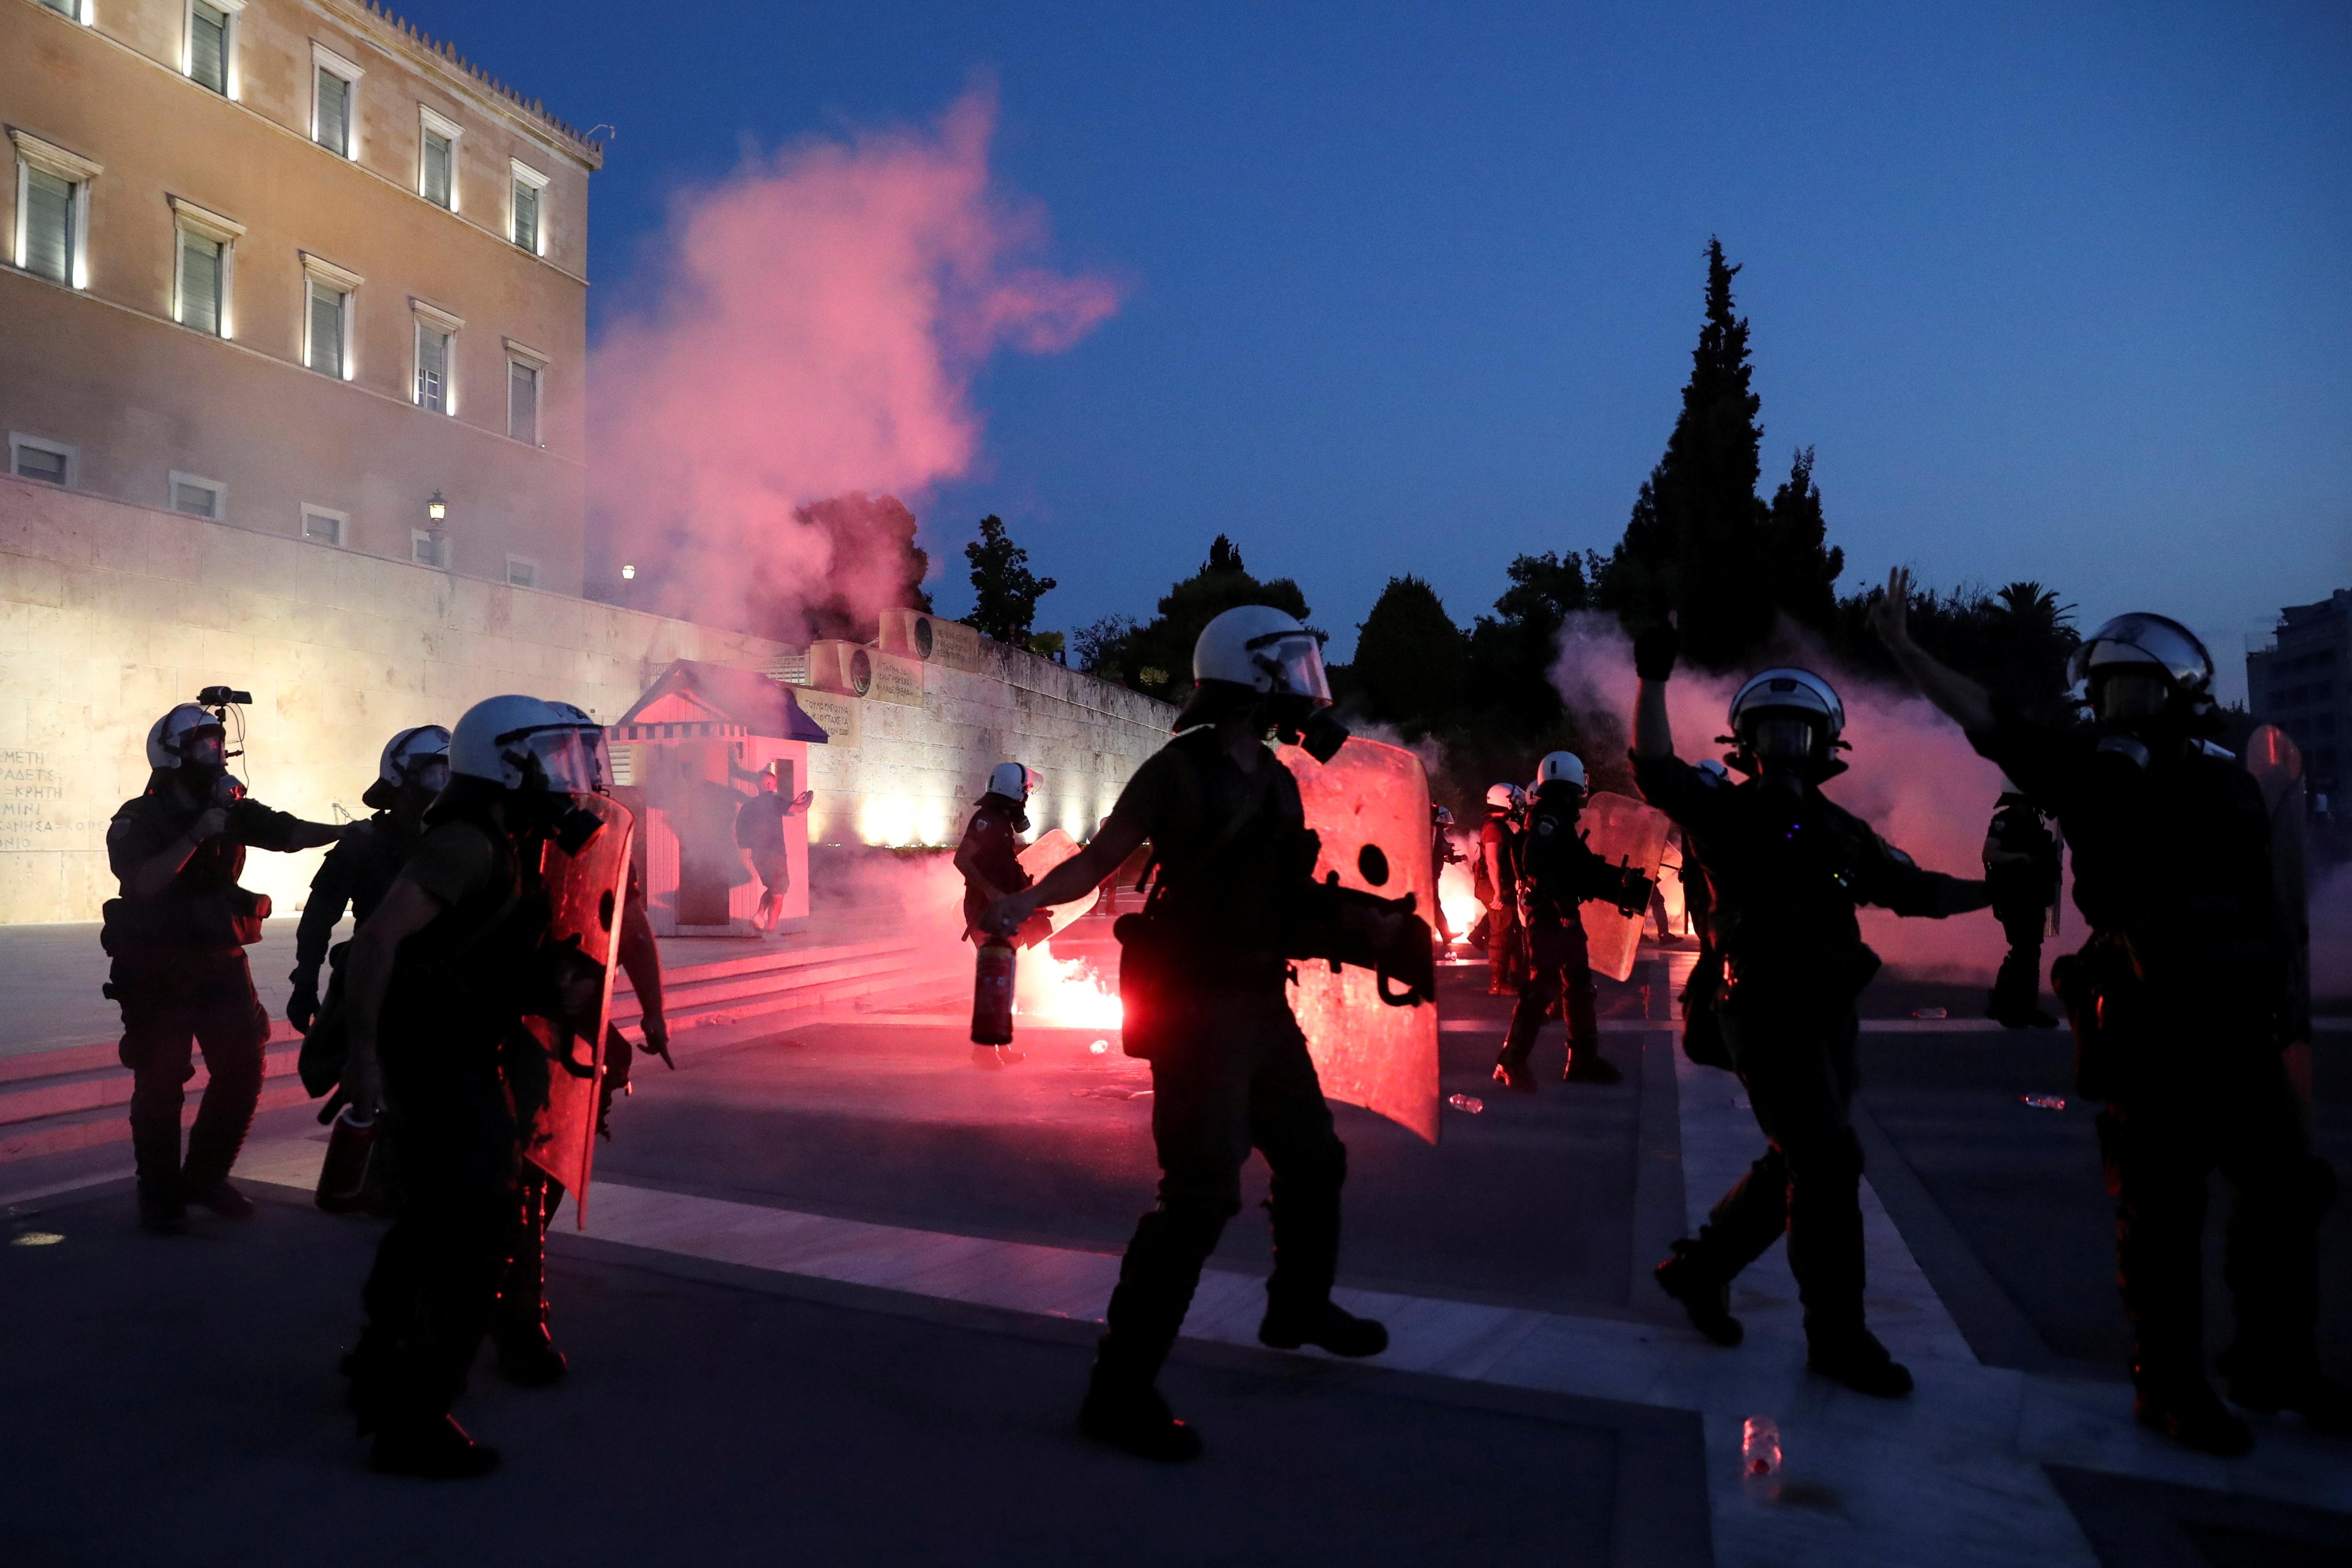 La policia antidisturbis es manté entre fum de flamarada a la tomba del soldat desconegut durant una protesta contra les vacunacions contra la malaltia del coronavirus (COVID-19) fora de l'edifici del parlament, a Atenes, Grècia, el 29 d'agost de 2021. REUTERS / Costas Baltas